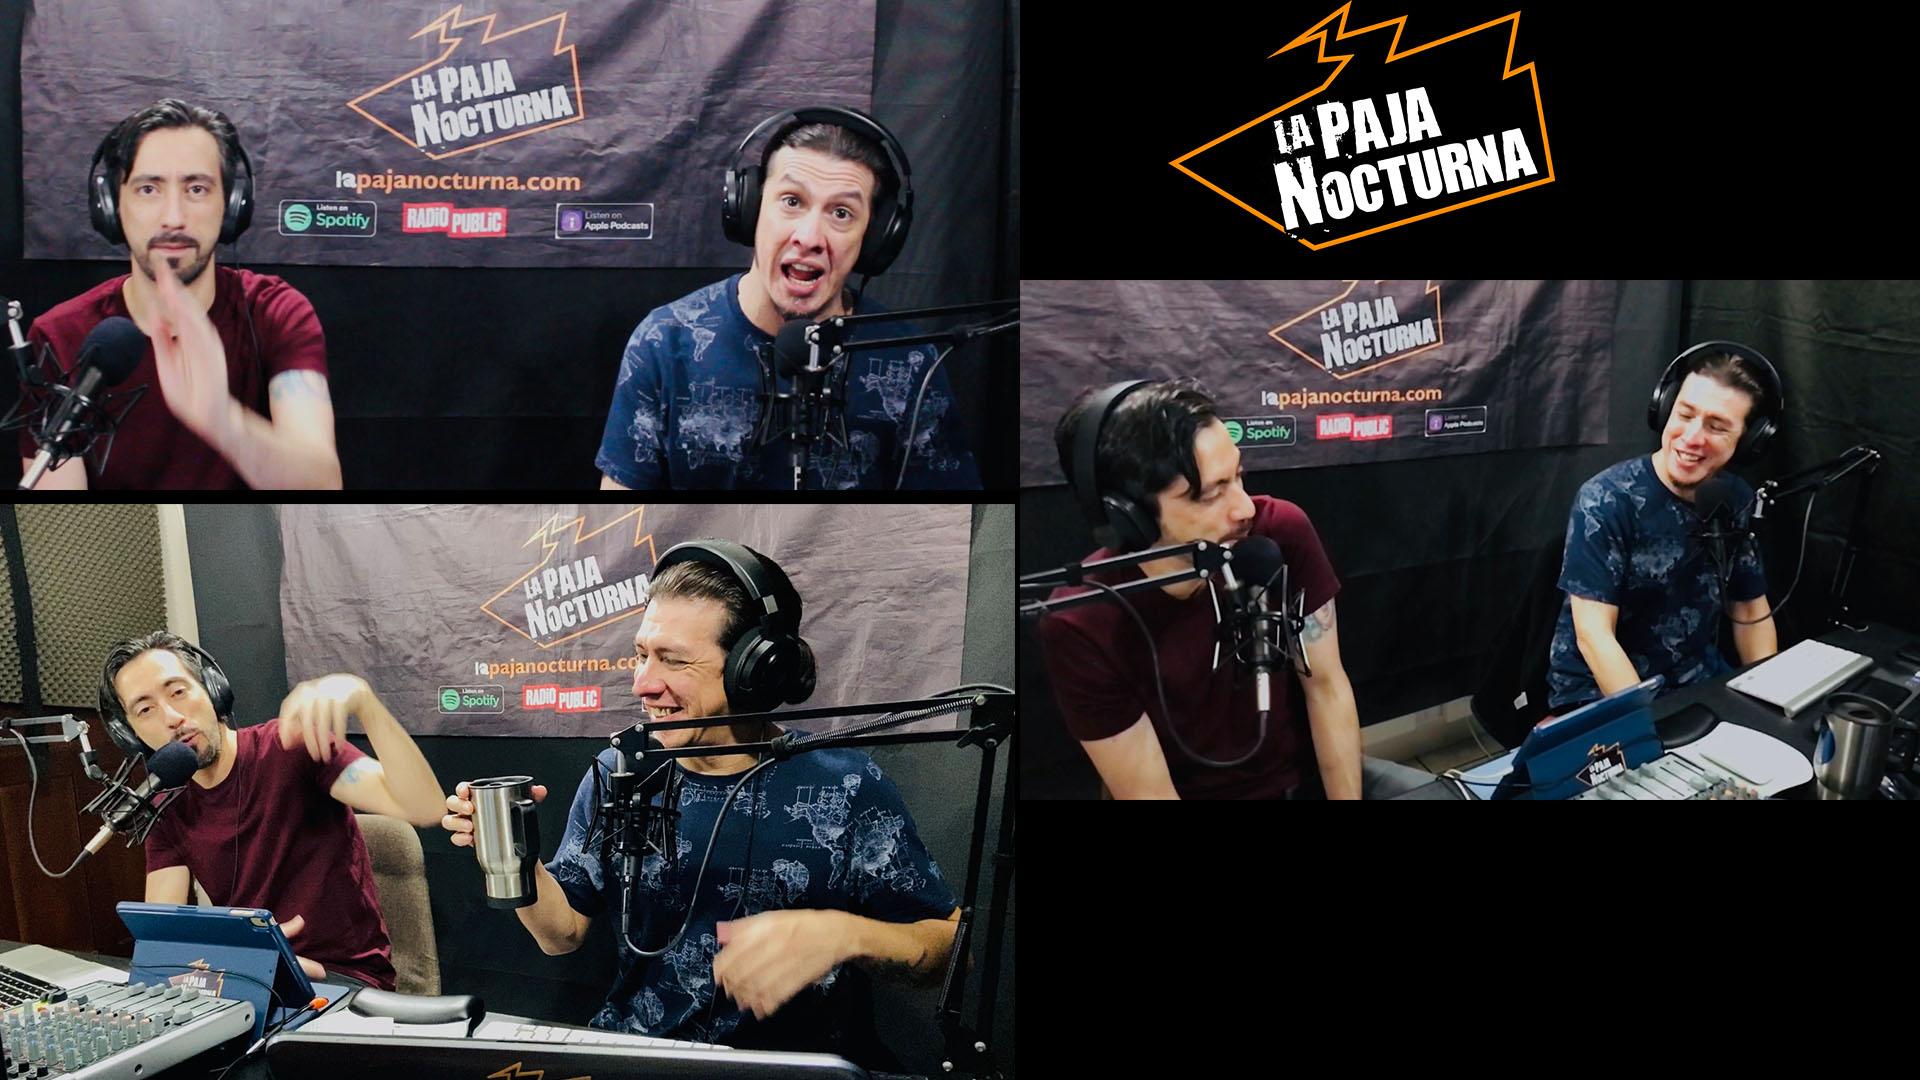 La paja nocturna podcast Episodio 97